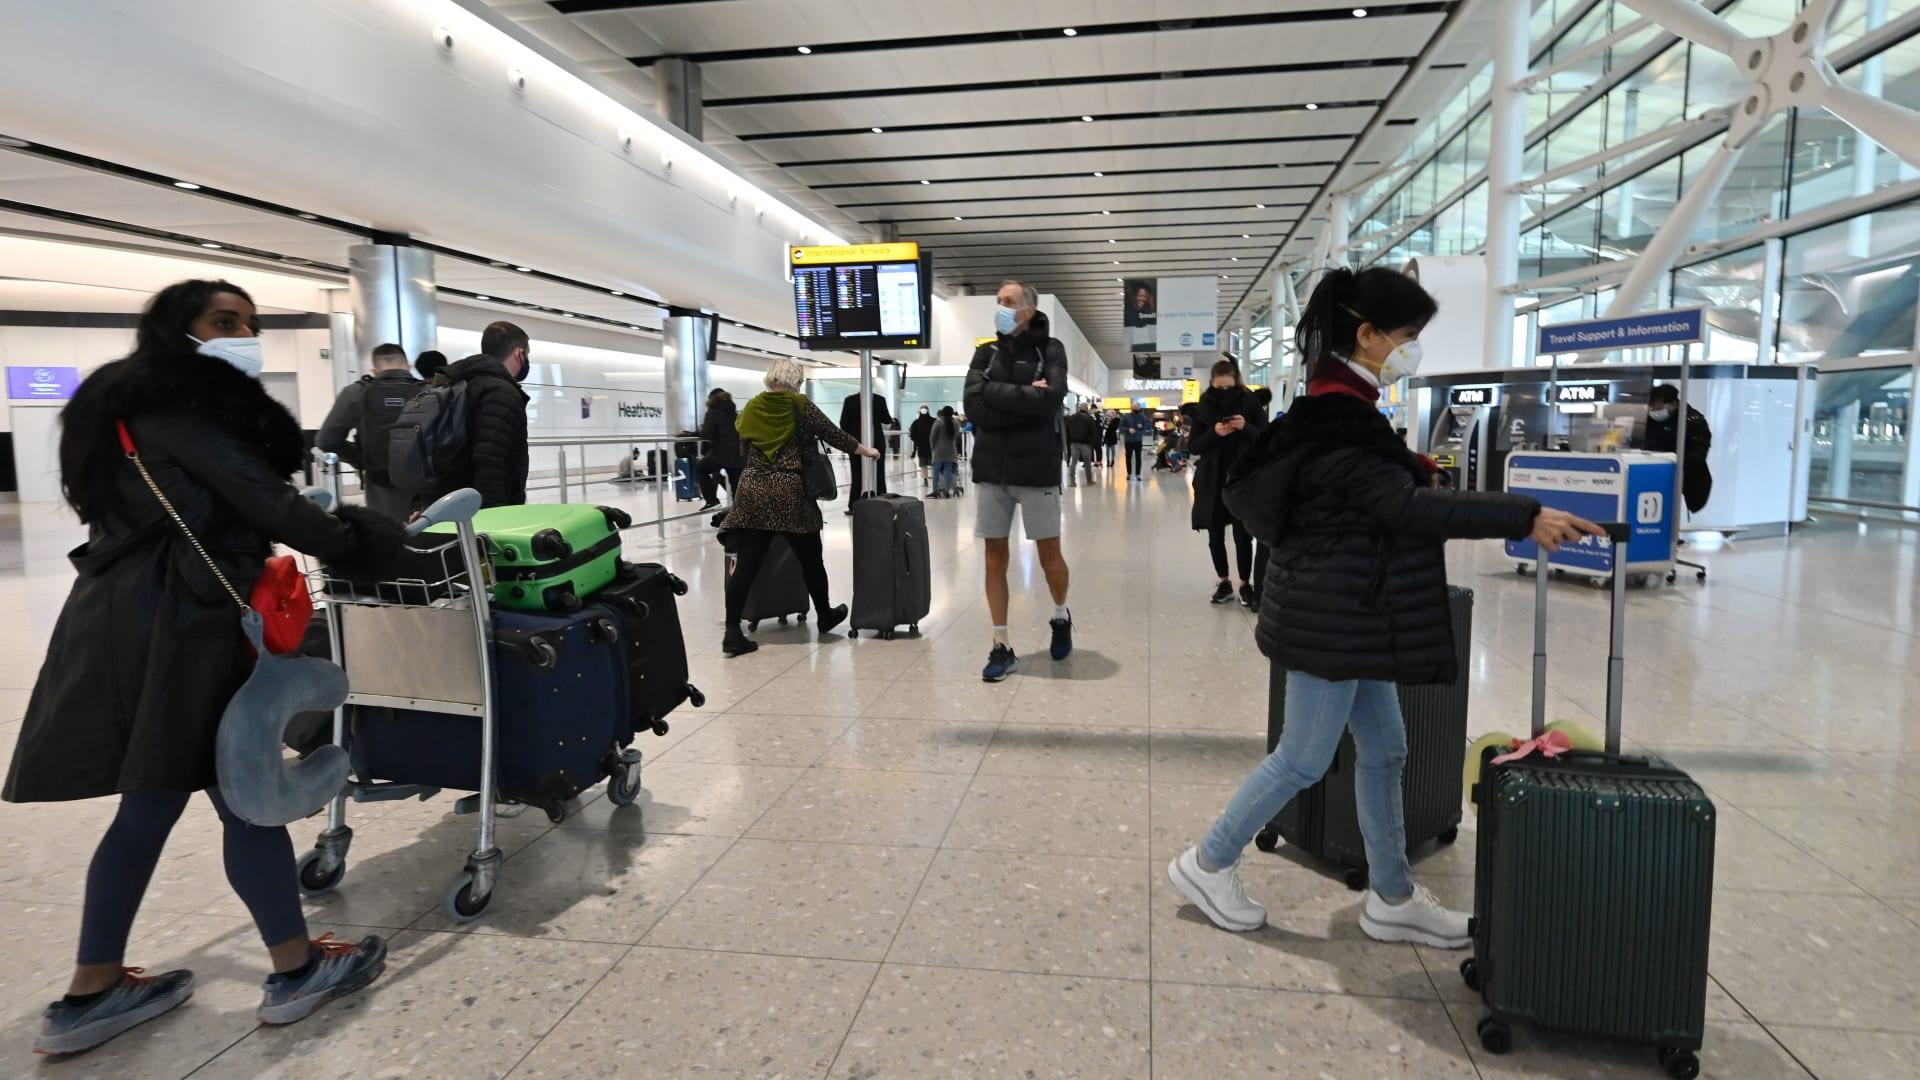 سياسة الحدود الجديدة في إنجلترا للحد من فيروس كورونا تدخل حيز التنفيذ